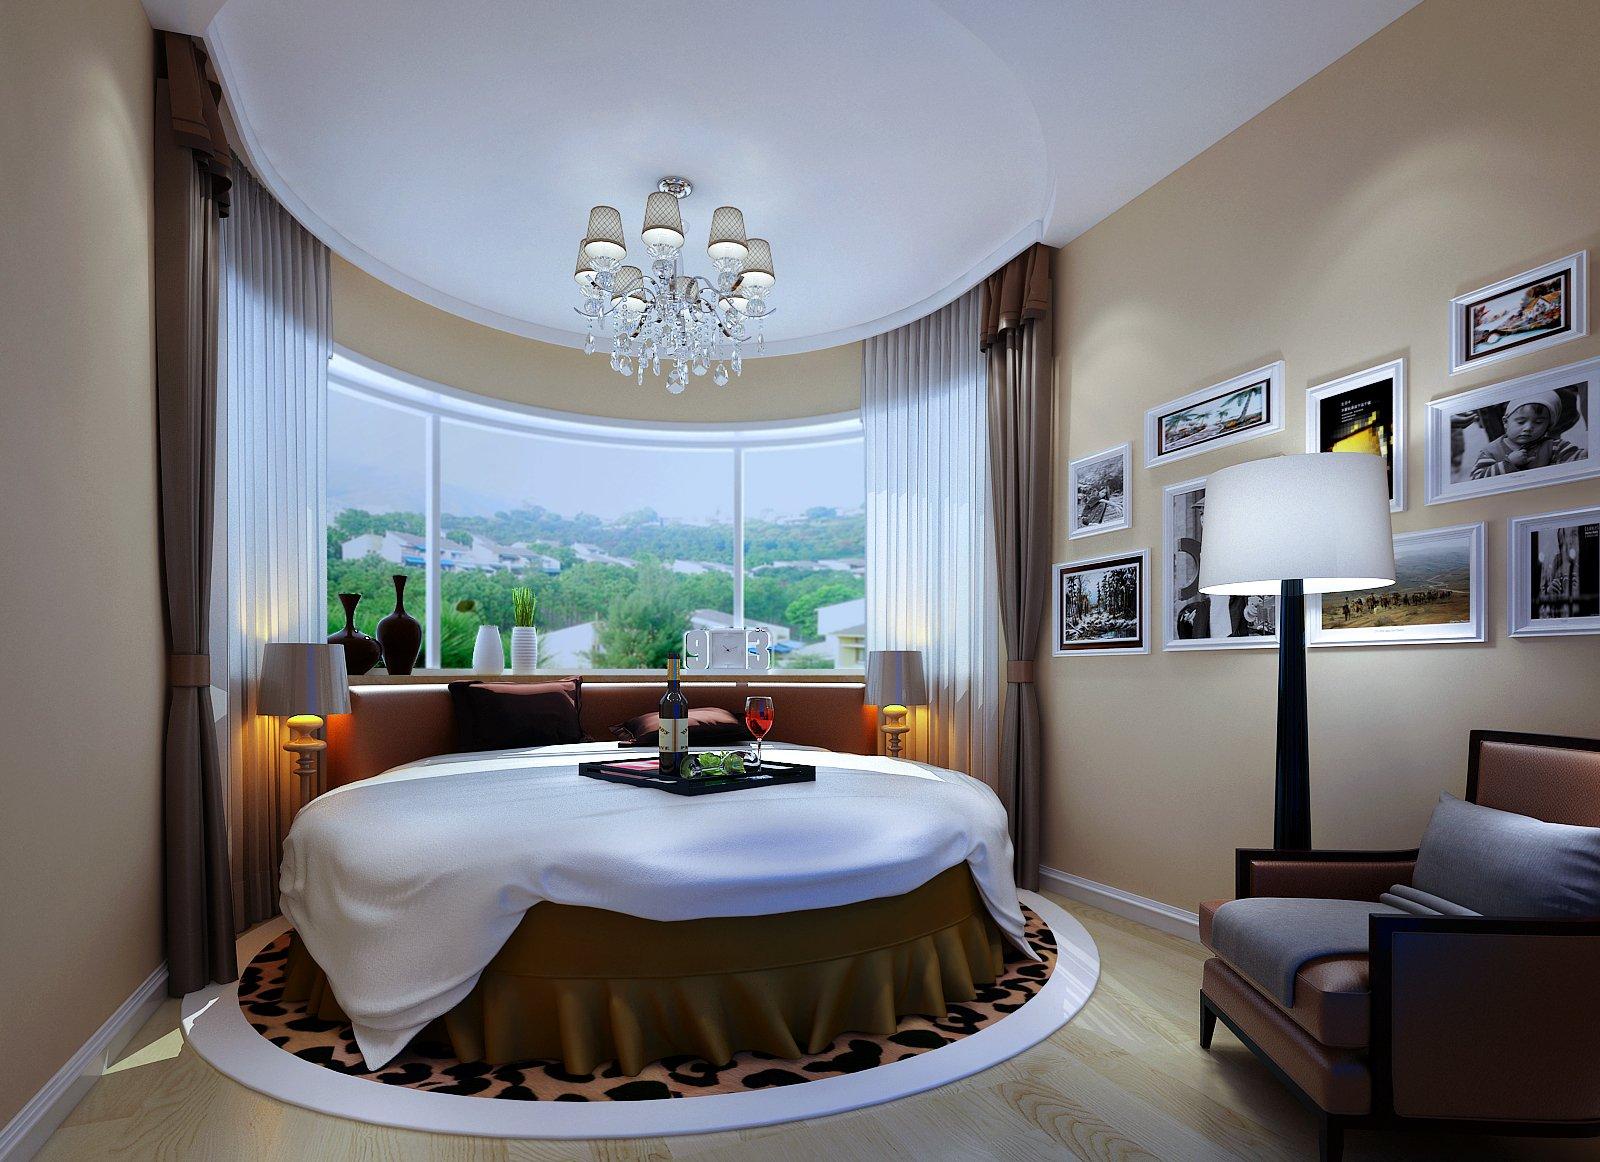 家装简约时尚现代风格卧室圆床